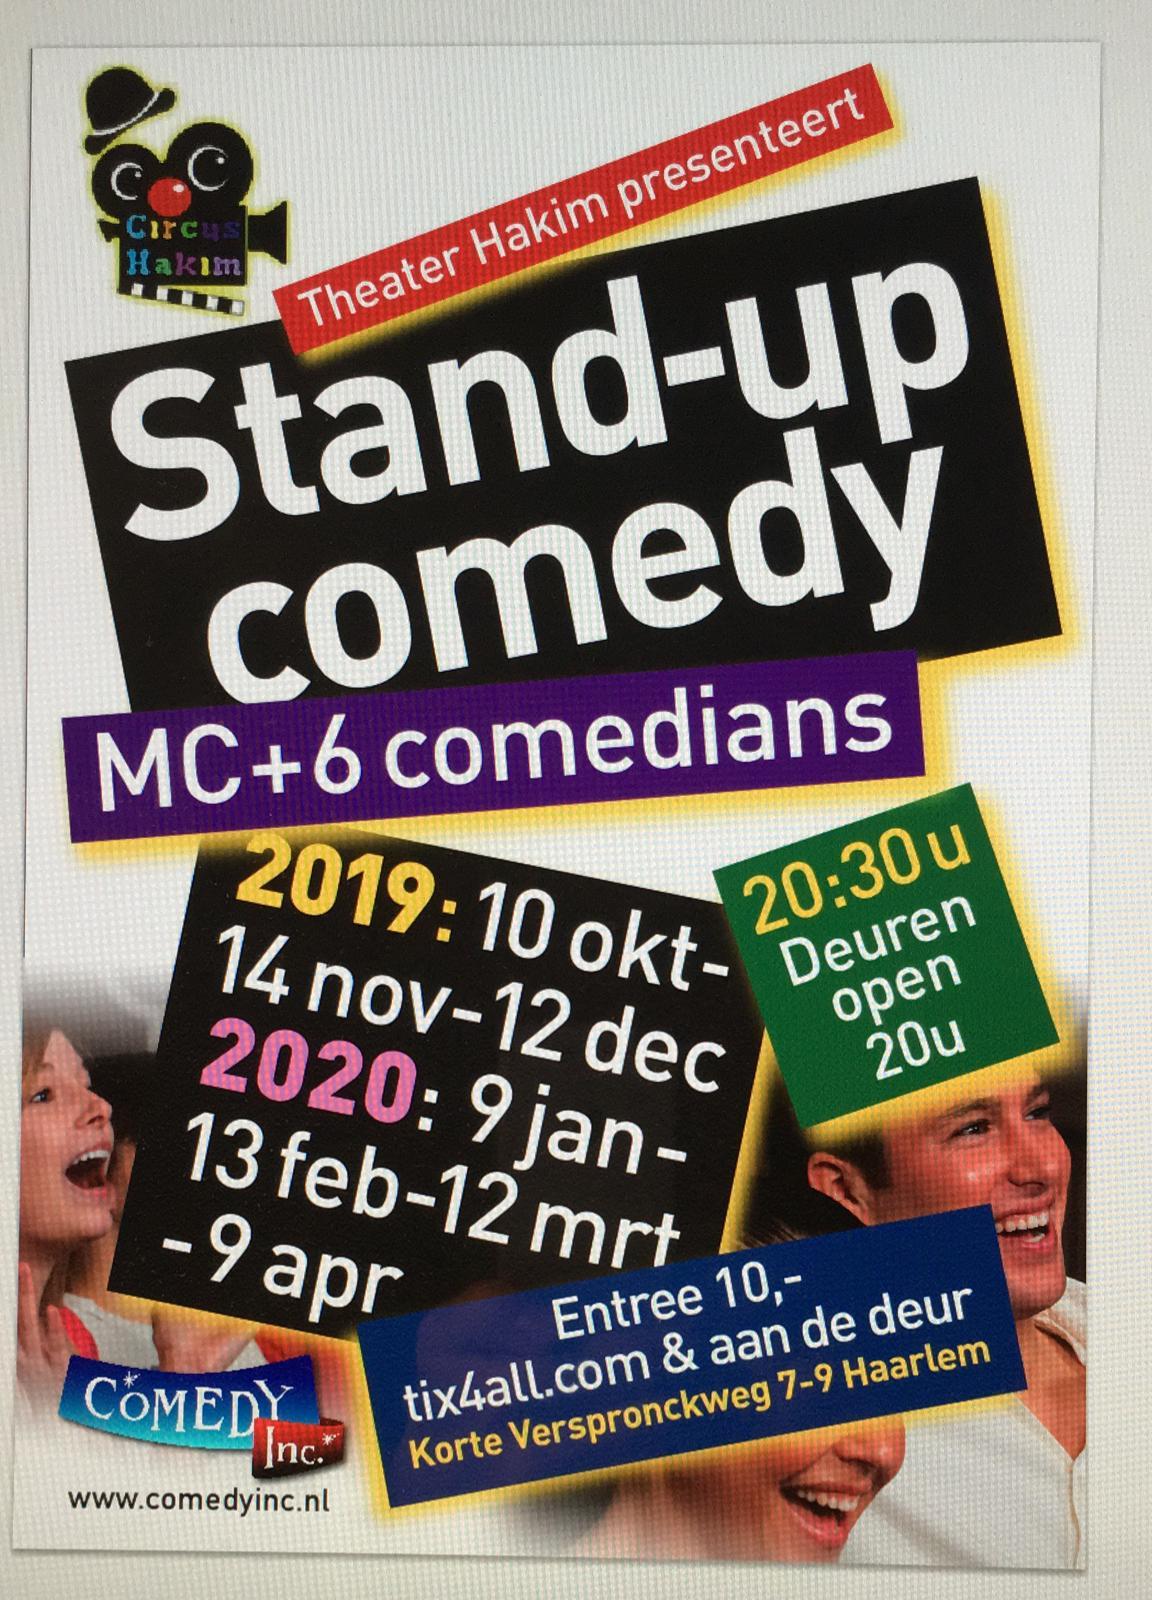 Ticket kopen voor evenement Comedy show circus Hakim